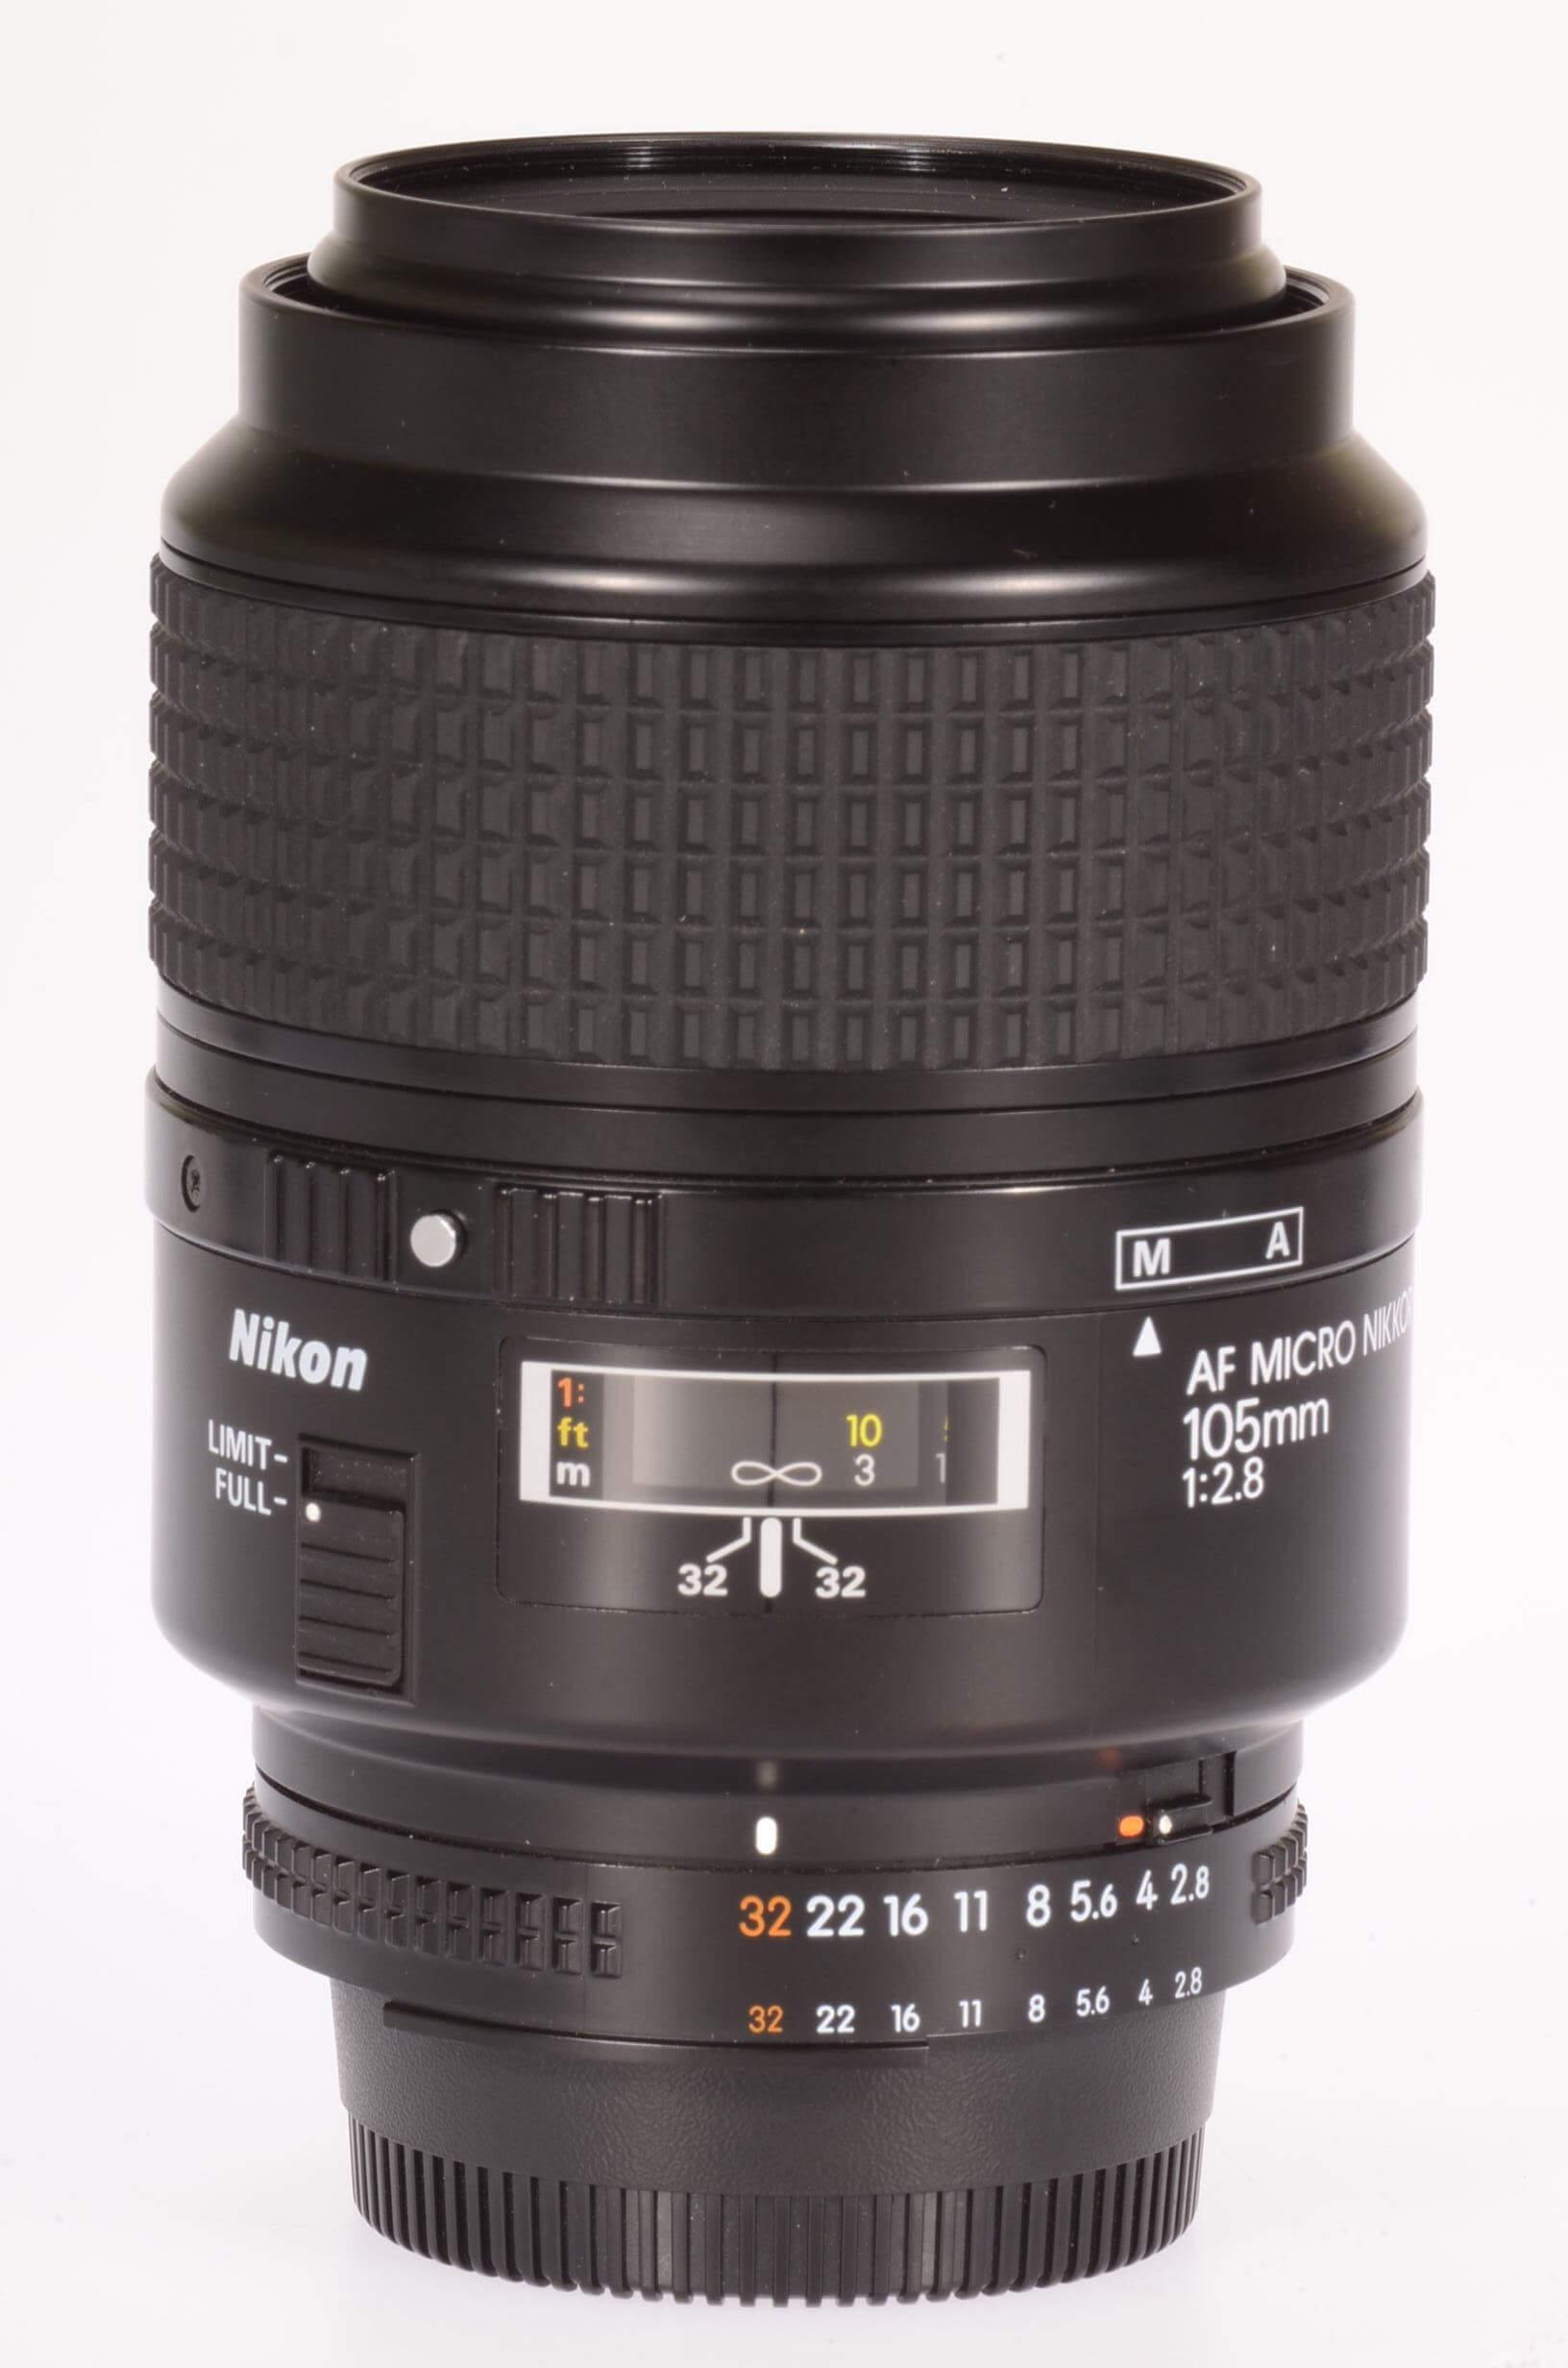 Nikon 105 f2.8 AF Micro Nikkor, low use